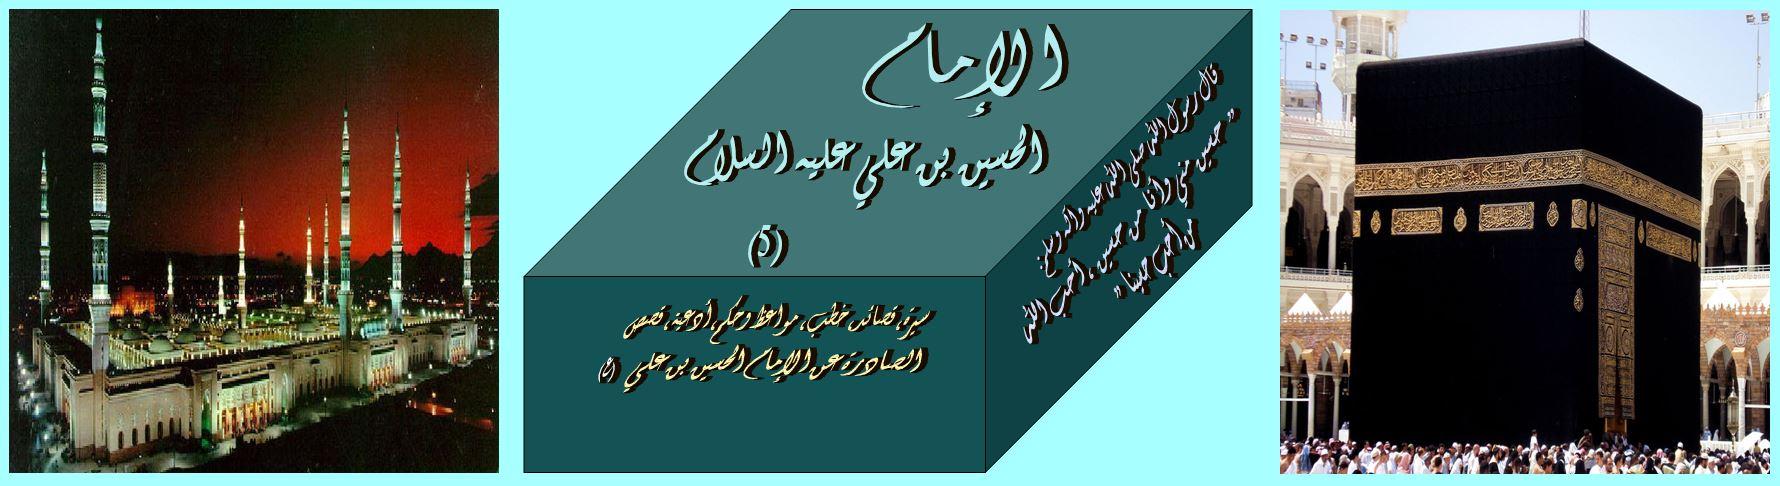 الإمام الحسين بن علي عليه السلام